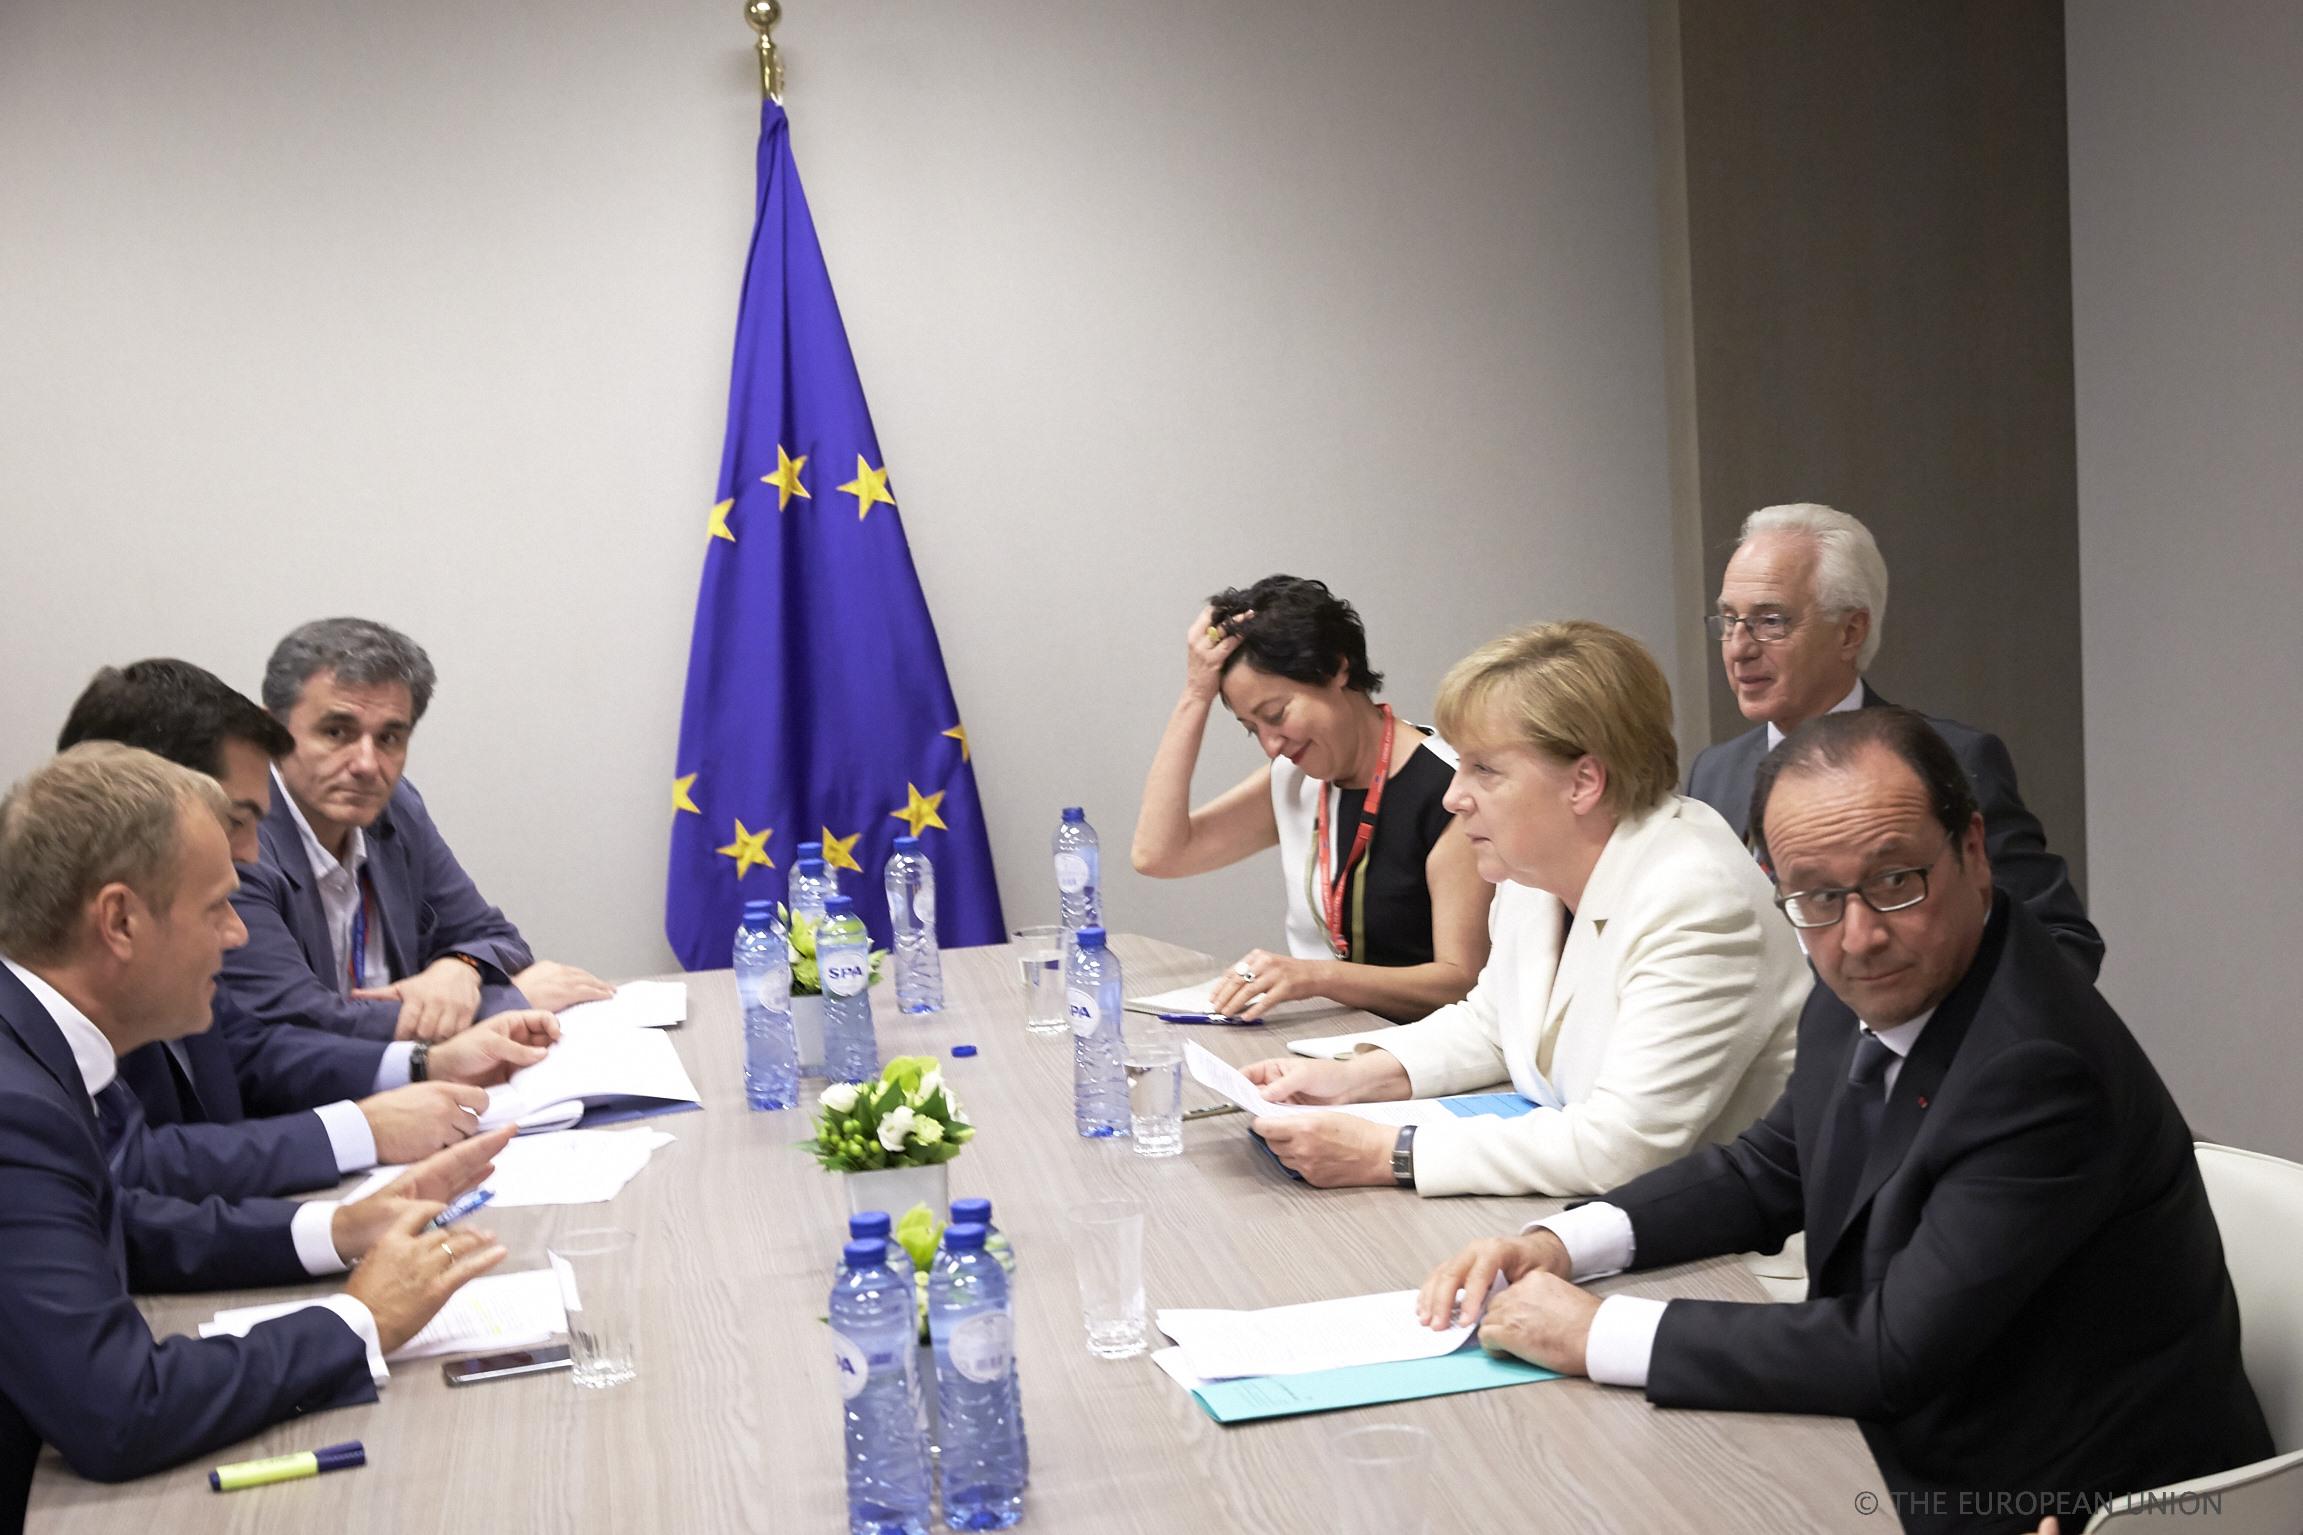 Η συνάντηση Τσίπρα με Μέρκελ, Ολάντ και Τουσκ κατά τη διάρκεια της διακοπής της Συνόδου Κορυφής